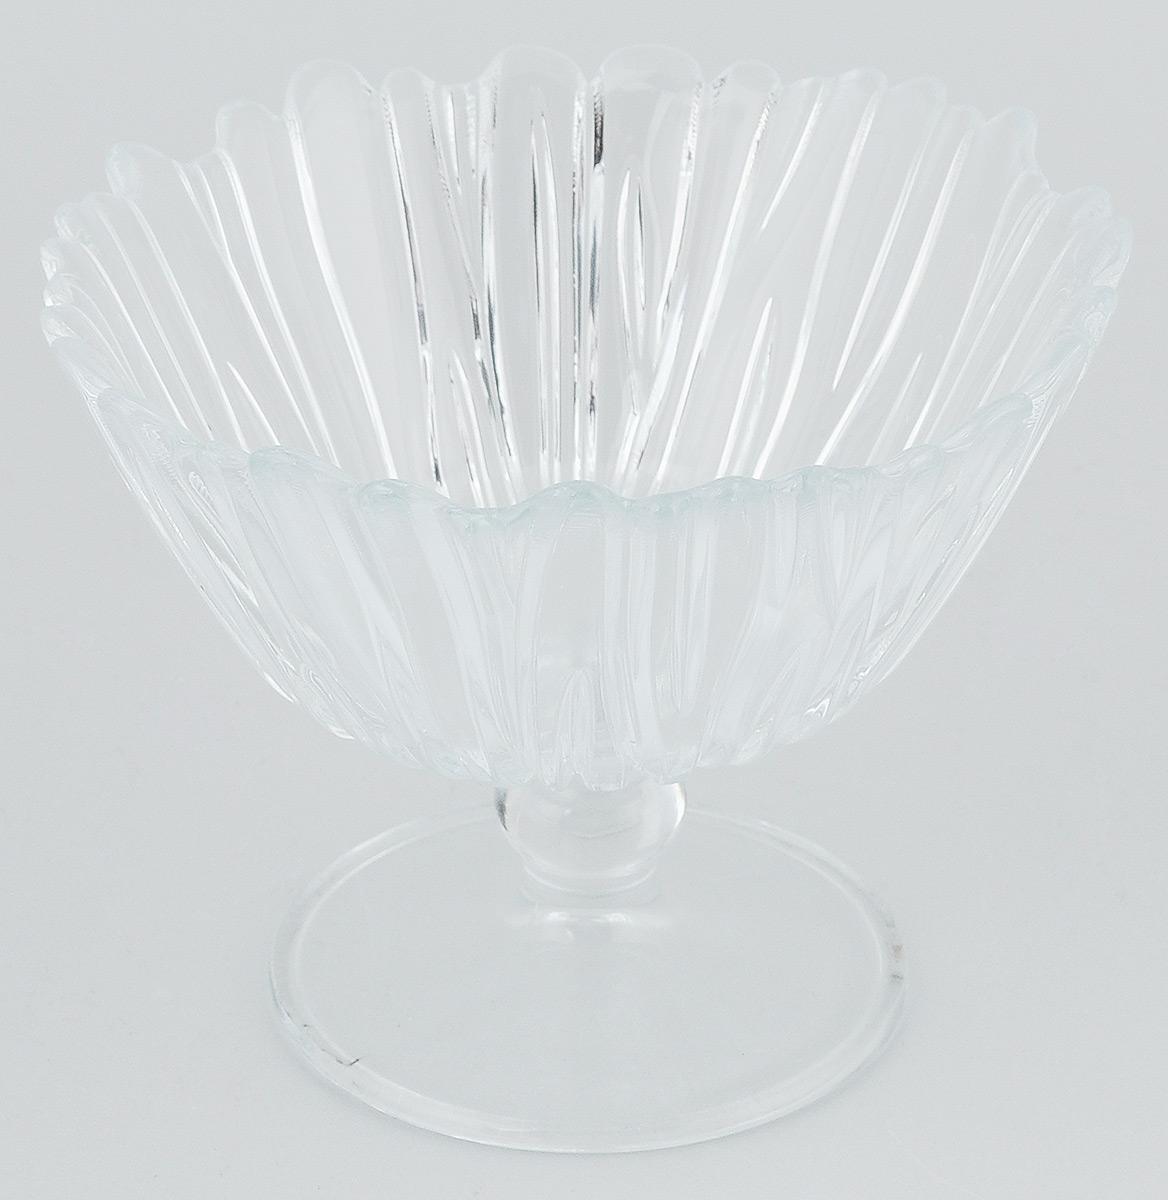 Ваза для конфет Pasabahce Aurora, высота 10,7 см115510Ваза для конфет Pasabahce Aurora изготовлена из прочного натрий-кальций-силикатного стекла. С внешней стороны изделие декорировано изысканным рельефом. Можно мыть в посудомоечной машине и использовать в микроволновой печи. Диаметр вазы (по верхнему краю): 14 см. Высота вазы: 10,7 см.